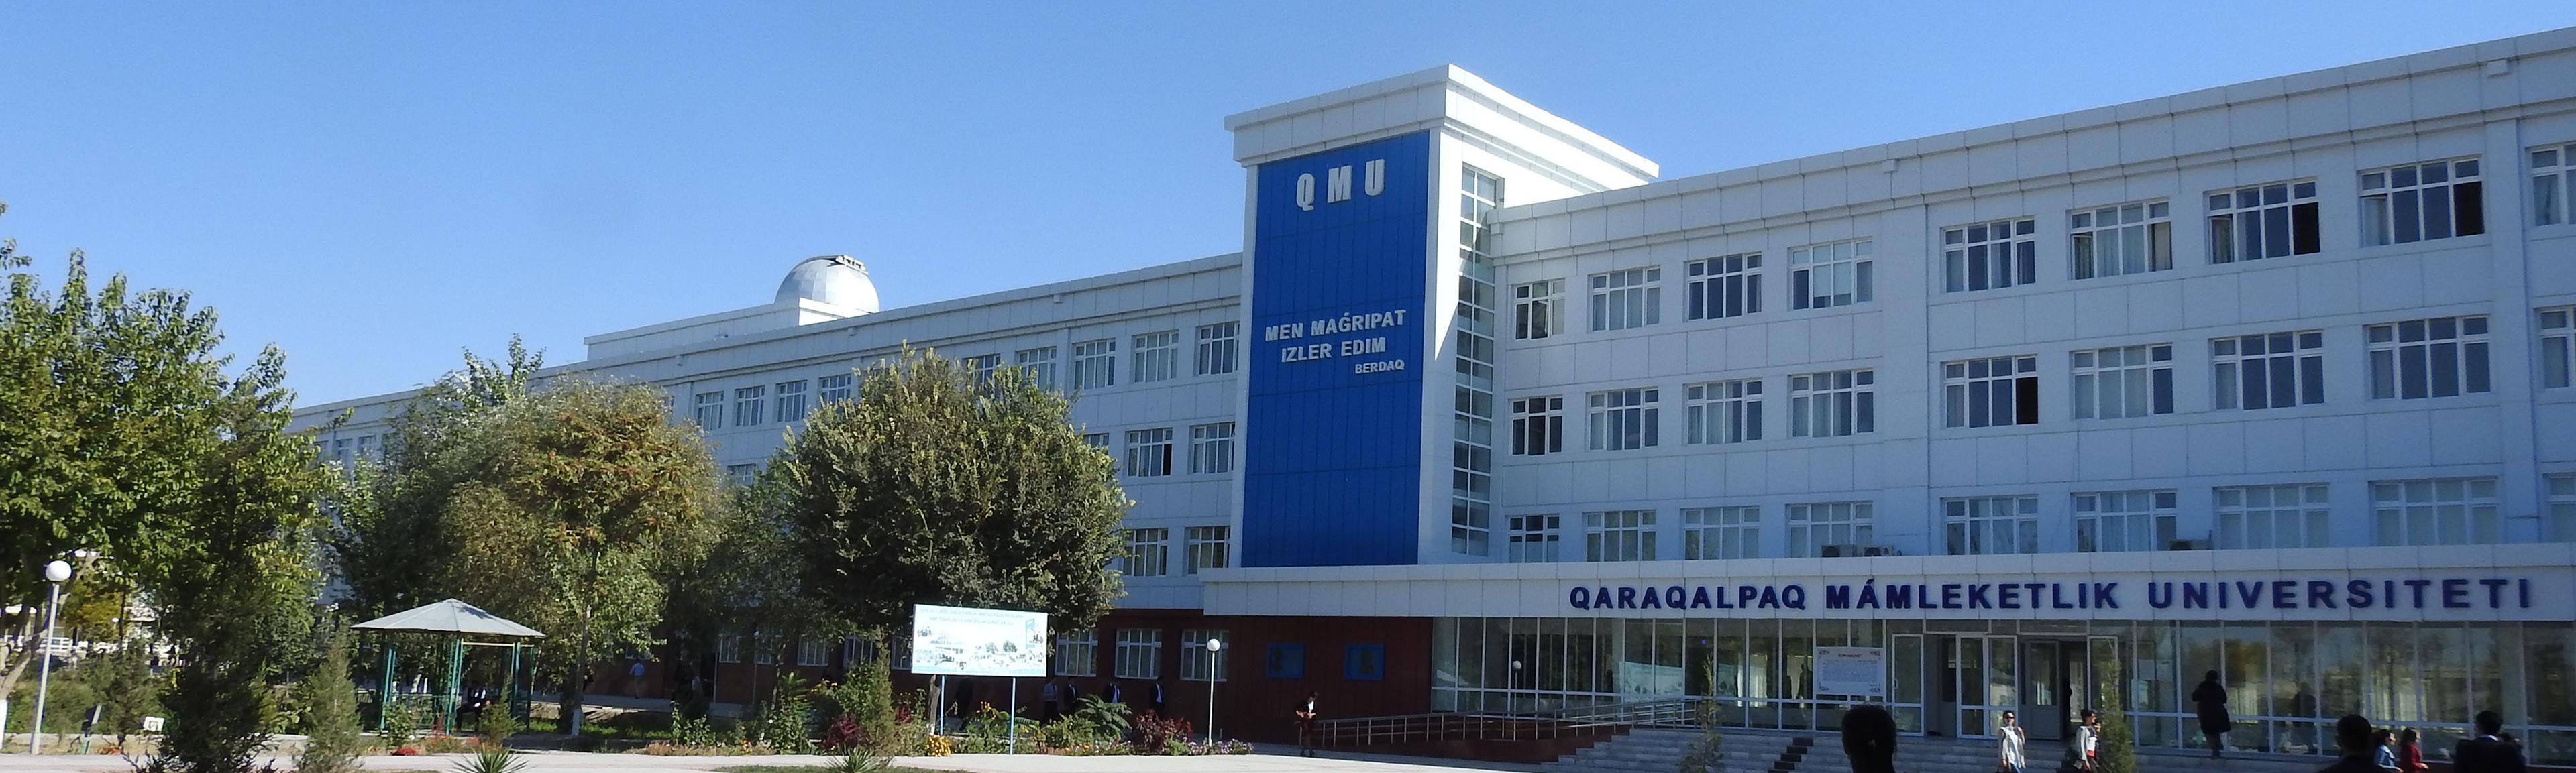 Каракалпакский государственный университет